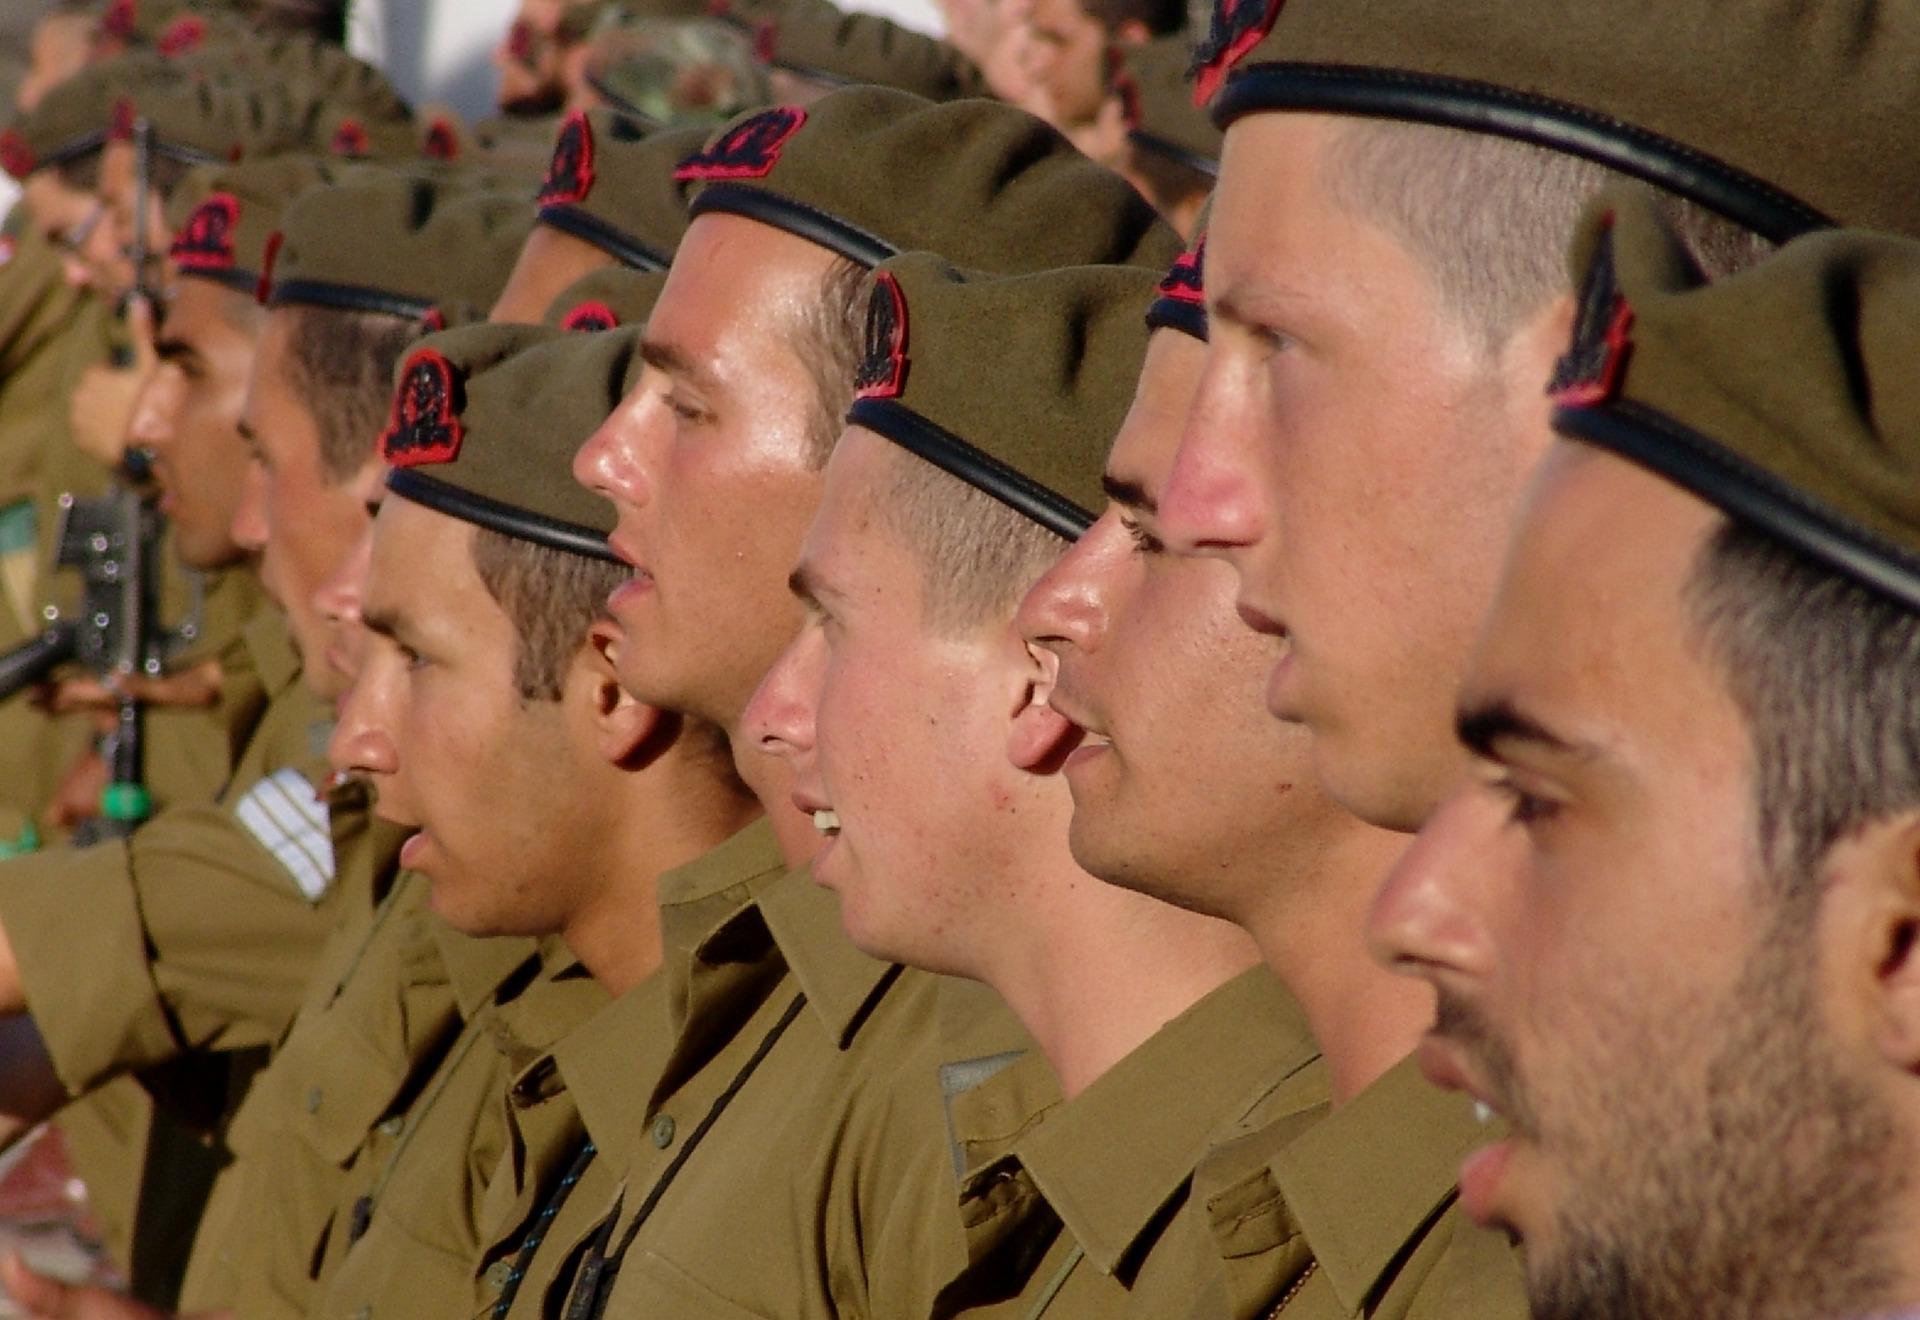 כיצד משפיע הצו הראשון על השירות הצבאי?